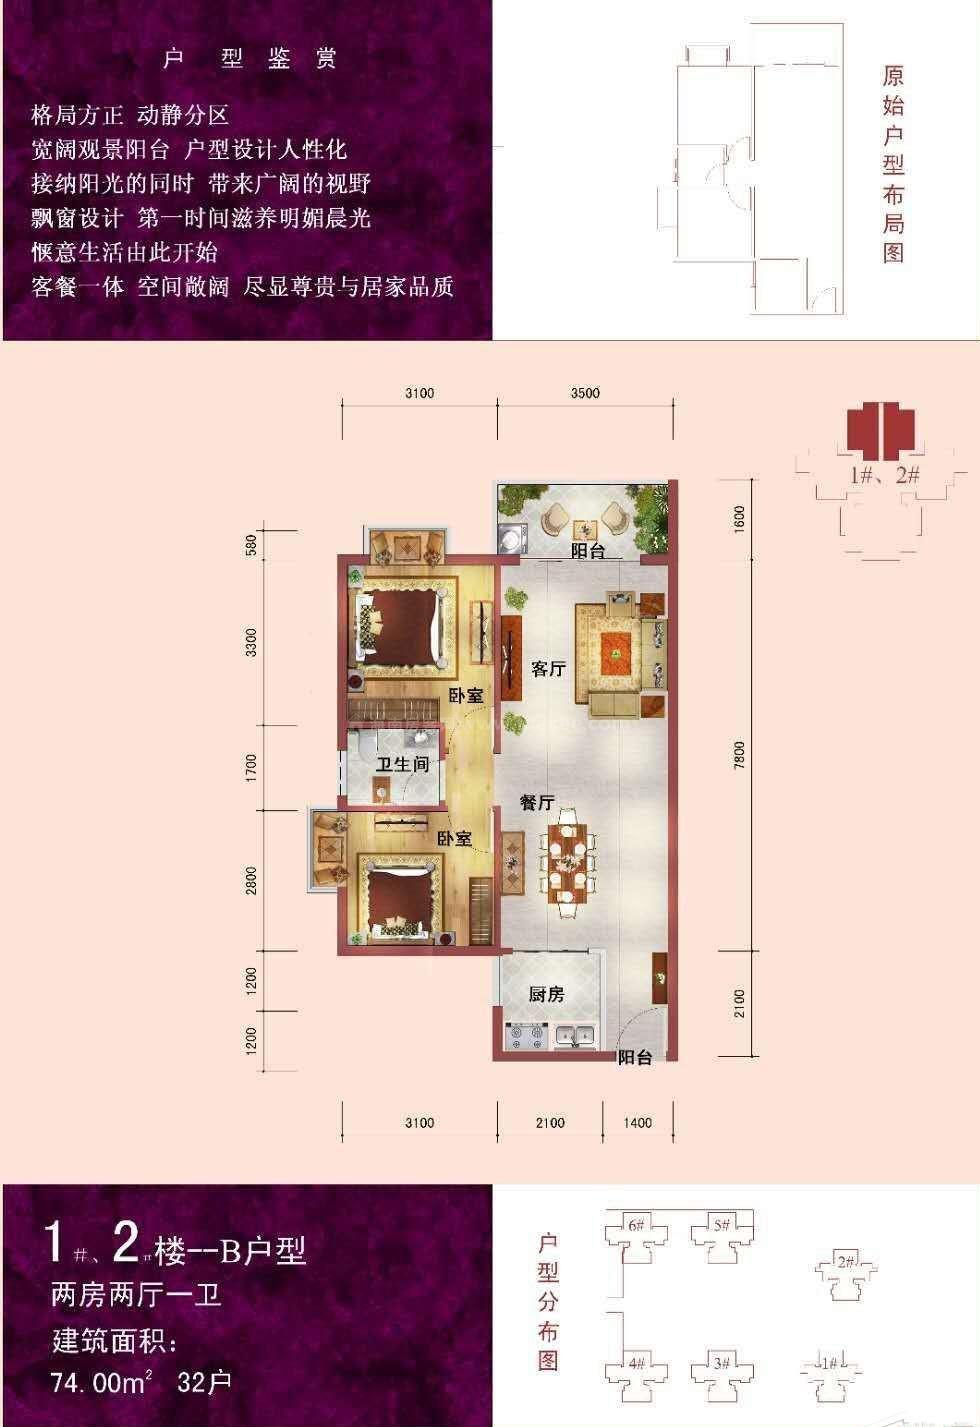 B户型 2房2厅1卫 建面约74平